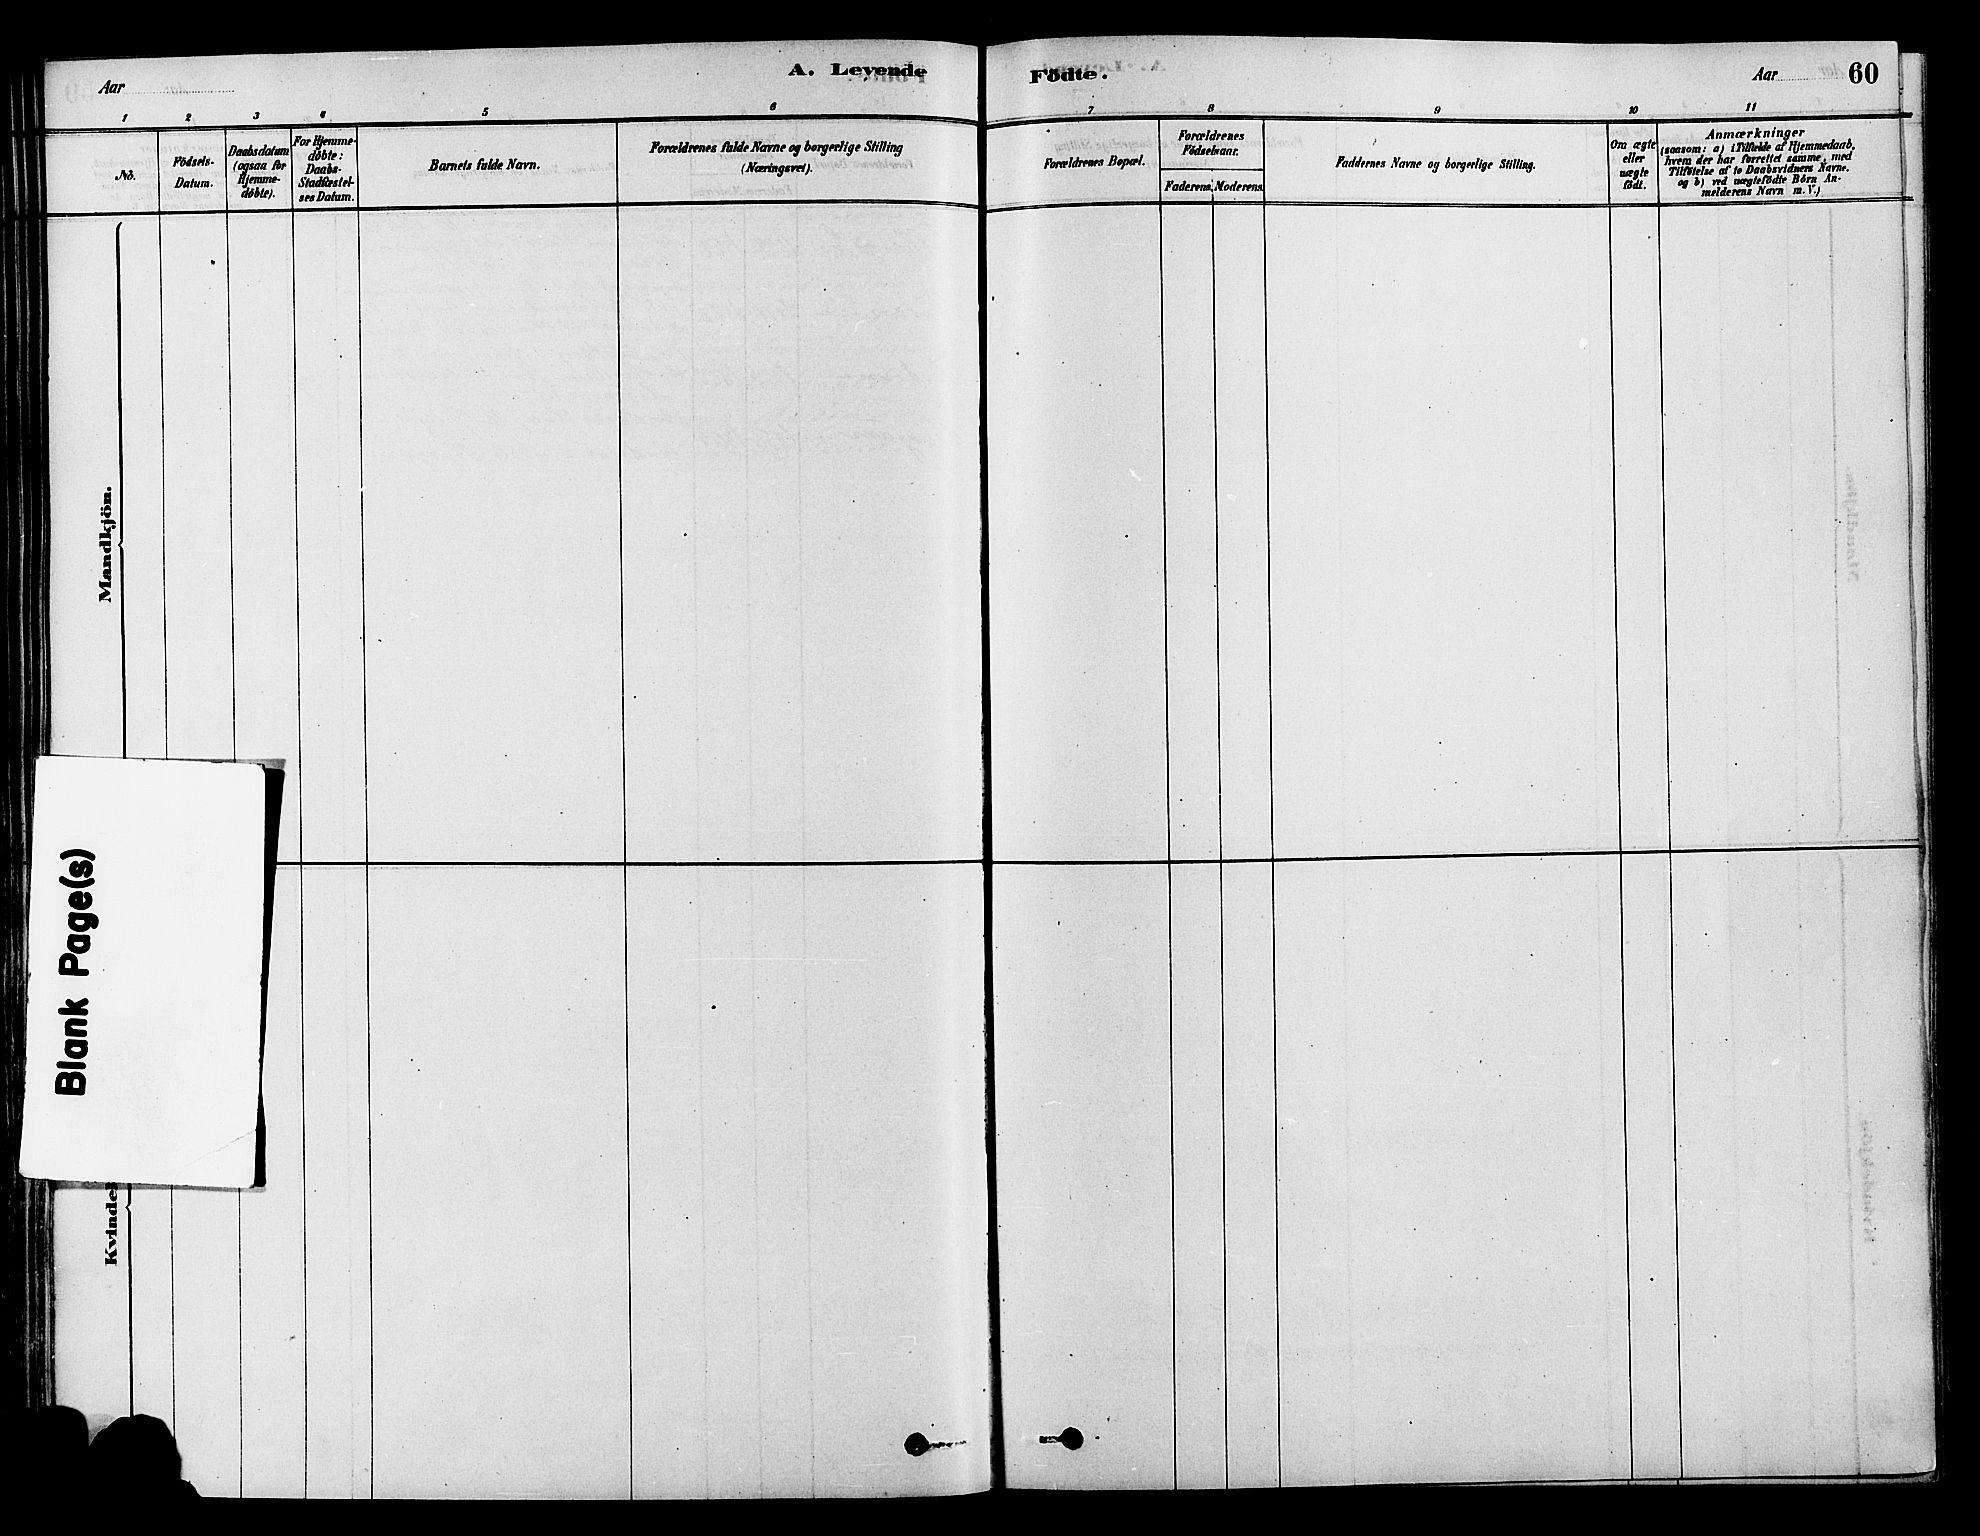 SAH, Søndre Land prestekontor, K/L0002: Ministerialbok nr. 2, 1878-1894, s. 60